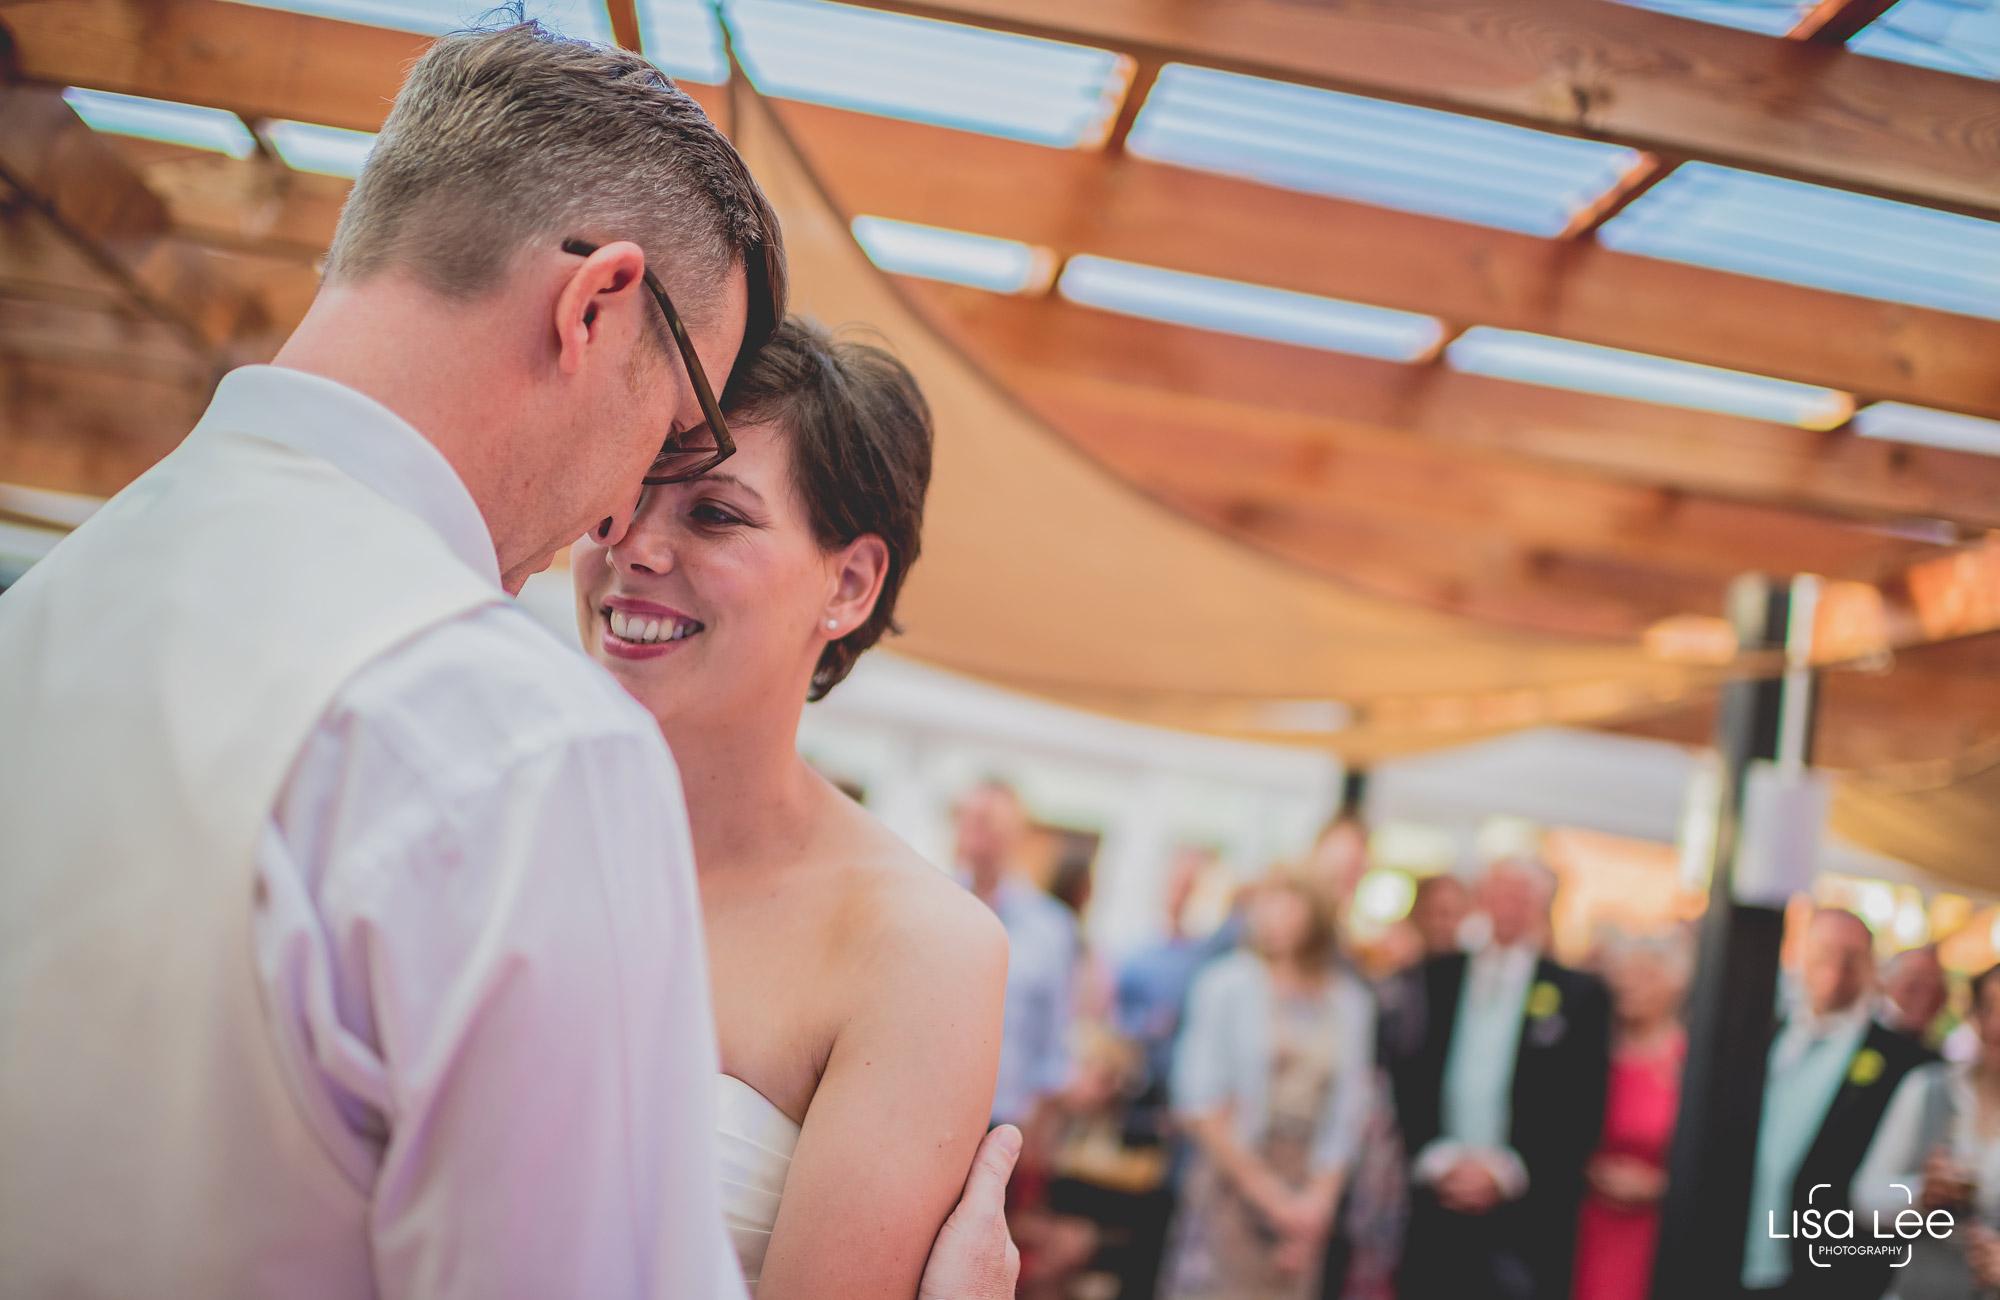 lisa-lee-wedding-photography-burton-dancing.jpg